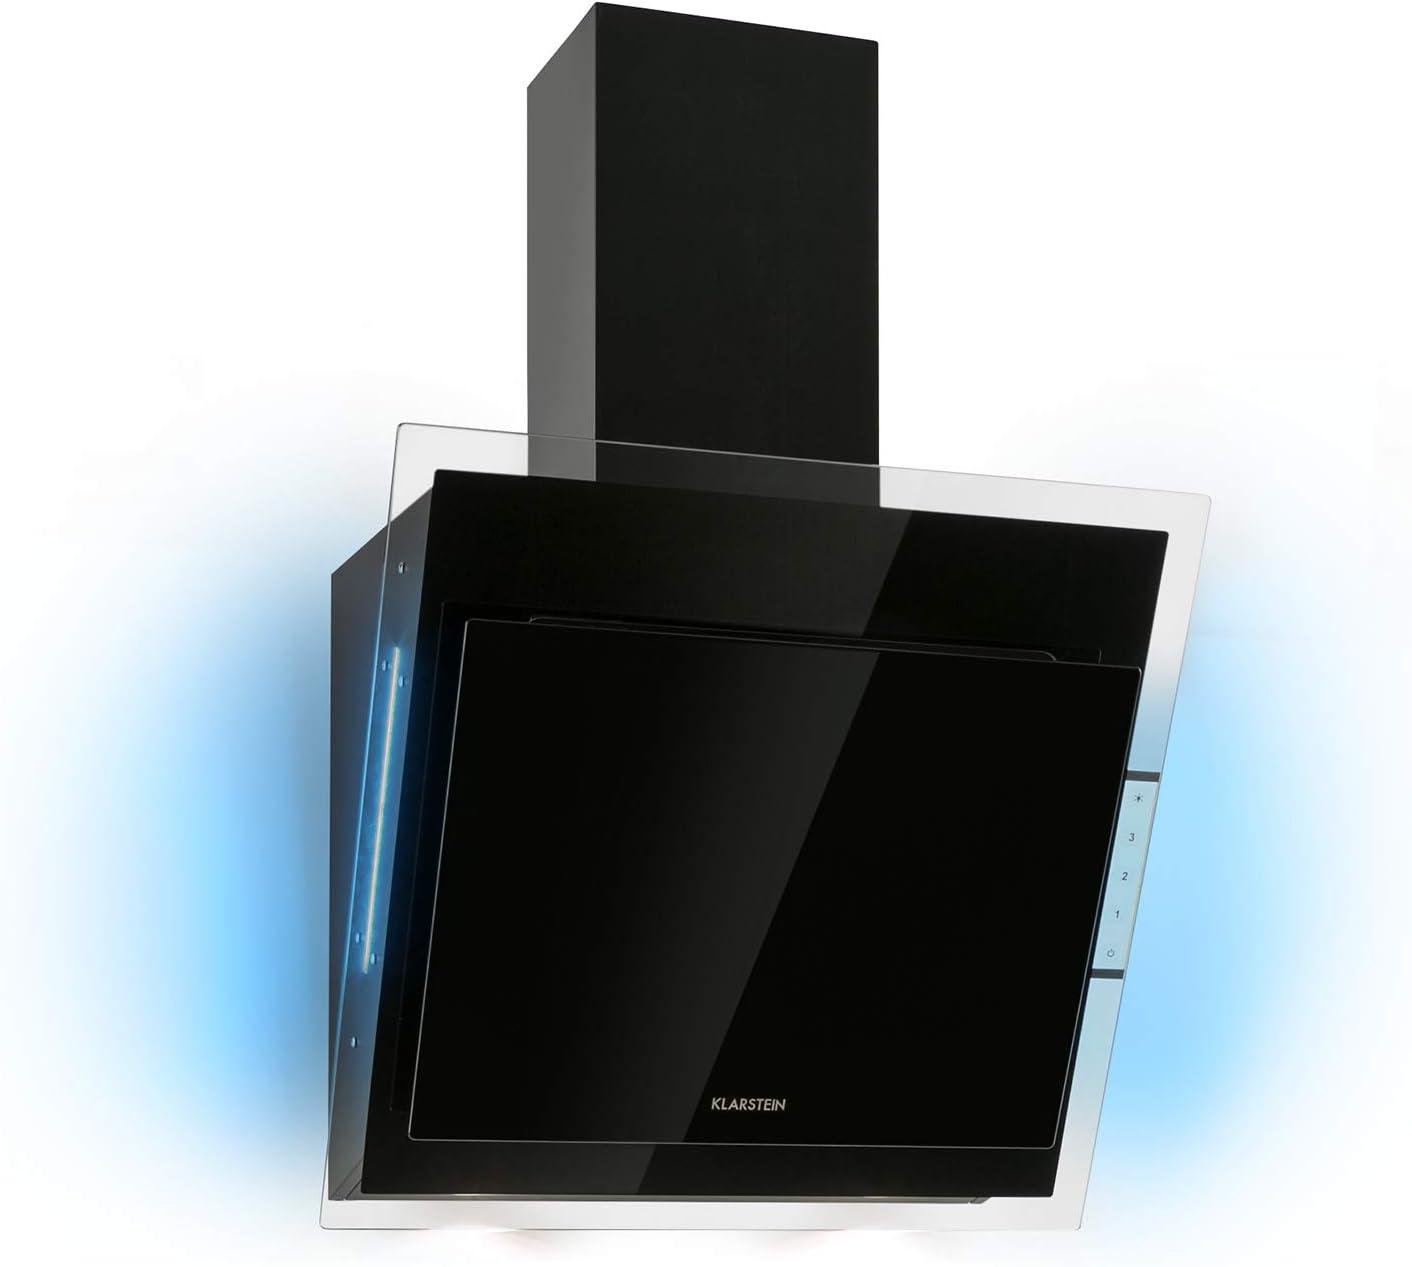 Klarstein Mirage 60 Black Edition - Extractor de humos - 60cm, Extracción de 550m³/h, Clase A, Control táctil, Luces LED RGB, Acústica 59/63 dB, Extracción y ventilación, Extractor de pared, Negro